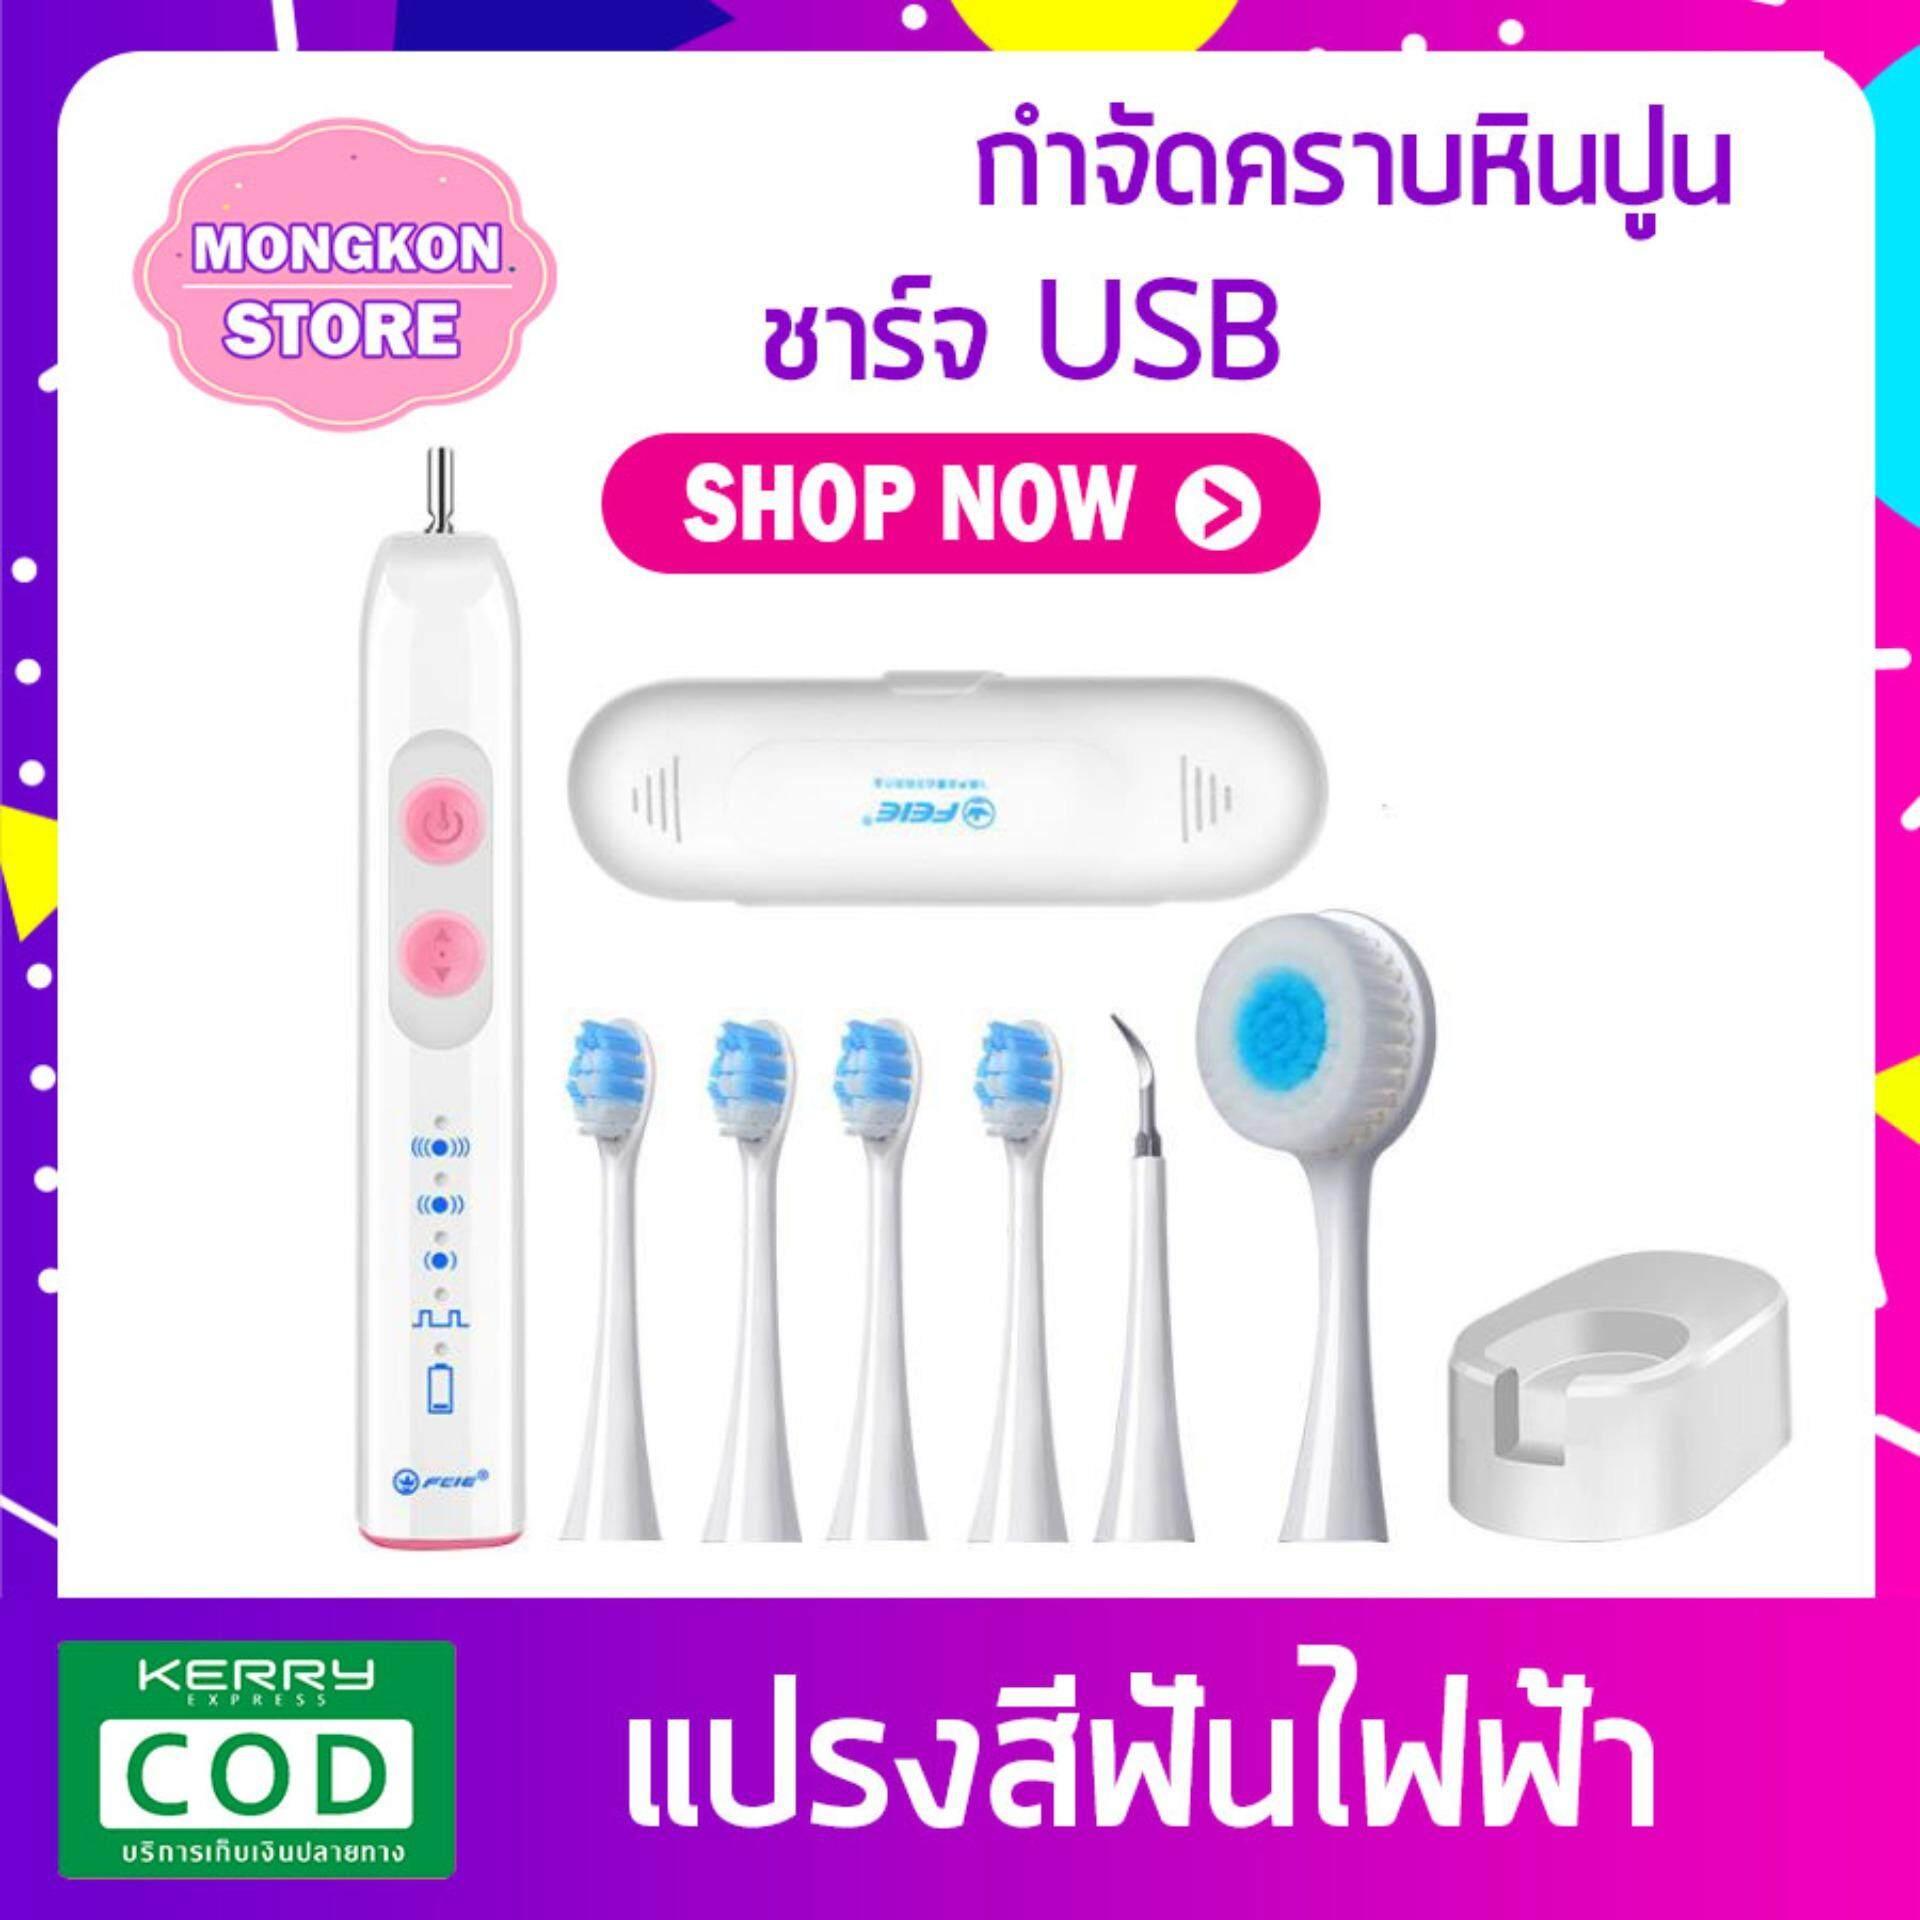 แปรงสีฟันไฟฟ้า ทำความสะอาดทุกซี่ฟันอย่างหมดจด เชียงใหม่ Electric Toothbrush แบบ USB แปรงสีฟันไฟฟ้า กำจัดคราบหินปูน ทำความสะอาดฟัน แปรงสีฟันอัตโนมัติ กันน้ำไฟฟ้าโซนิค ขนนุ่ม รุ่นมาตรฐานและ Extreme Edition    Mongkon Store